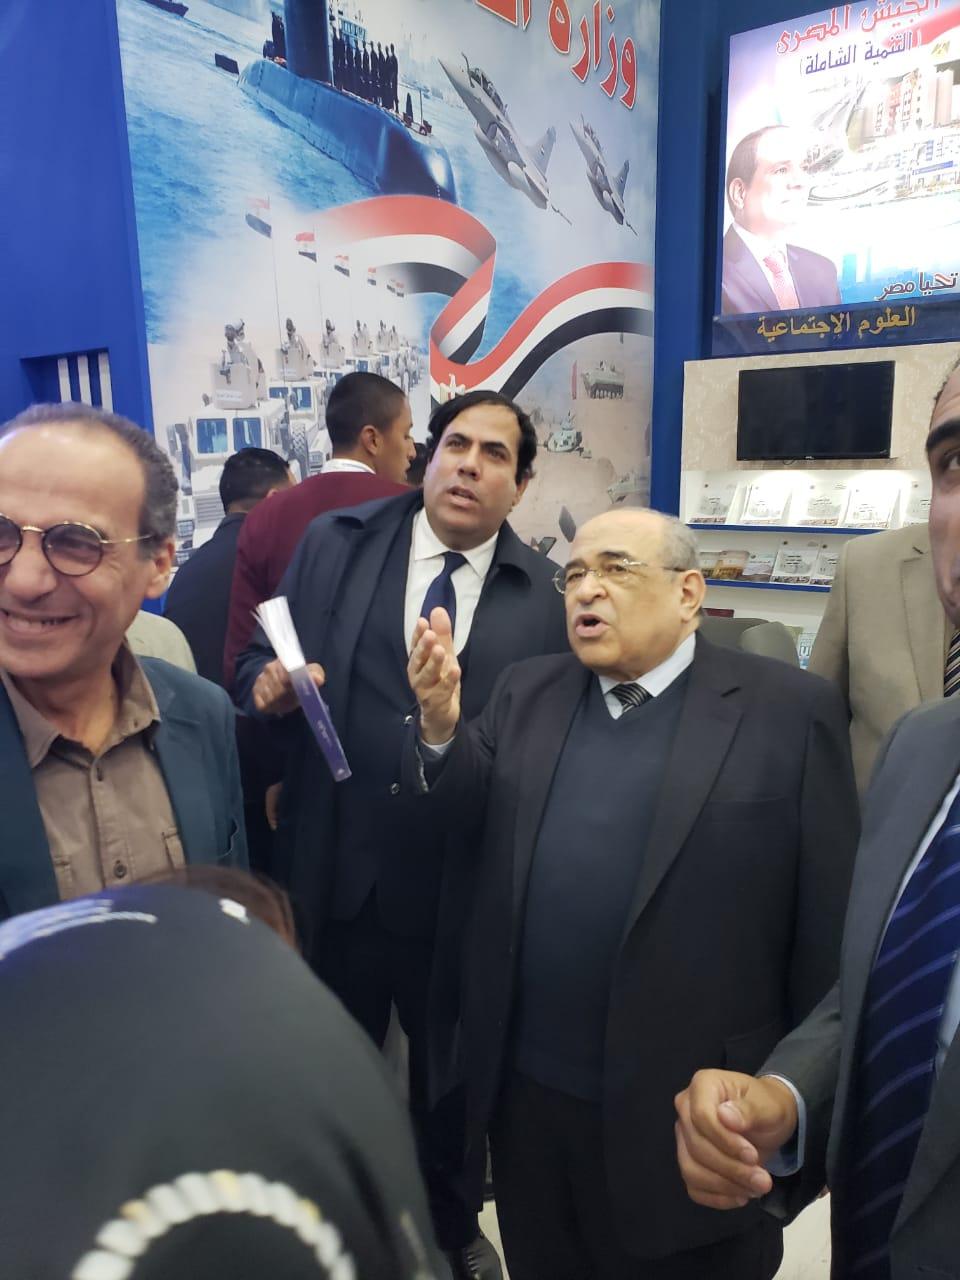 جانب من حفل توقيع كتب الدكتور مصطفى الفقى (4)